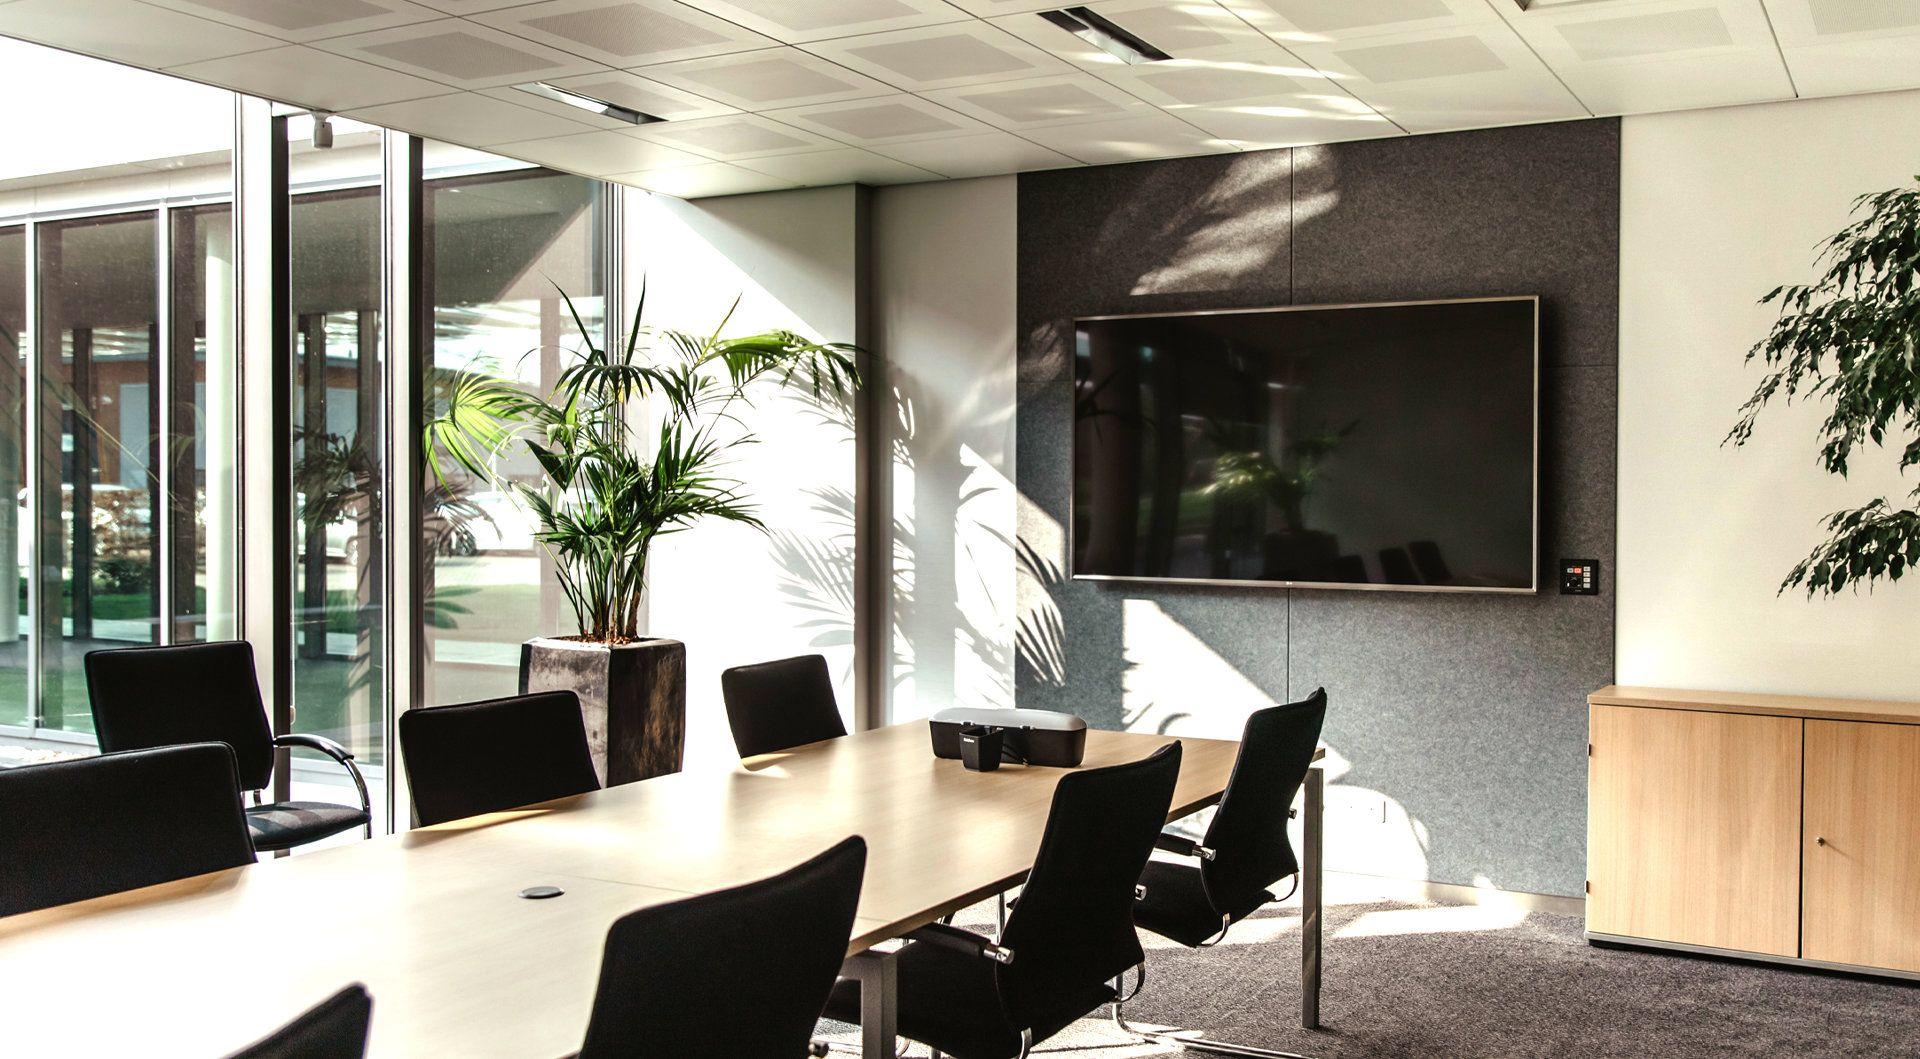 """Projecta Picture King 178x178 cm Matte White S 1:1 projectiescherm 2,43 m (95.7"""") - Case studie de vries"""